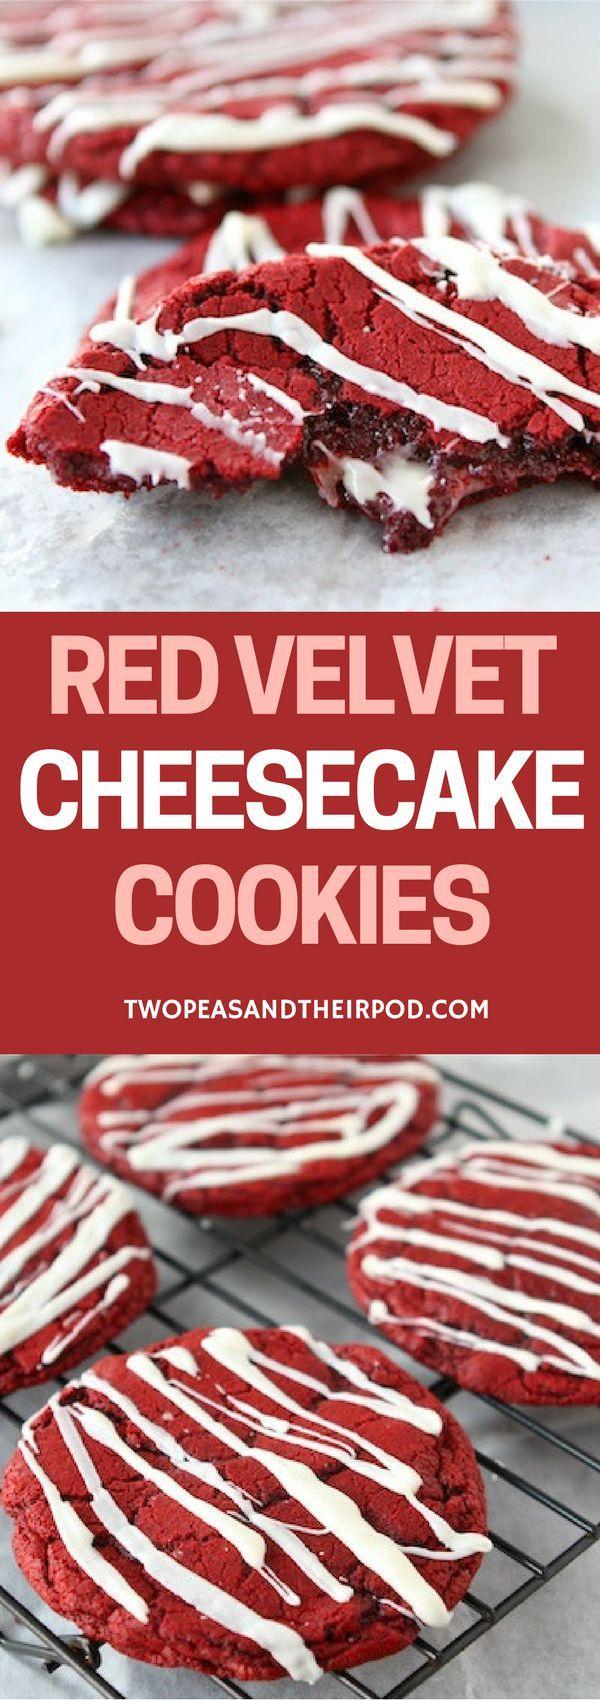 Red Velvet Cheesecake Cookies - Red velvet cookies with a cream cheese center and a cream cheese glaze!